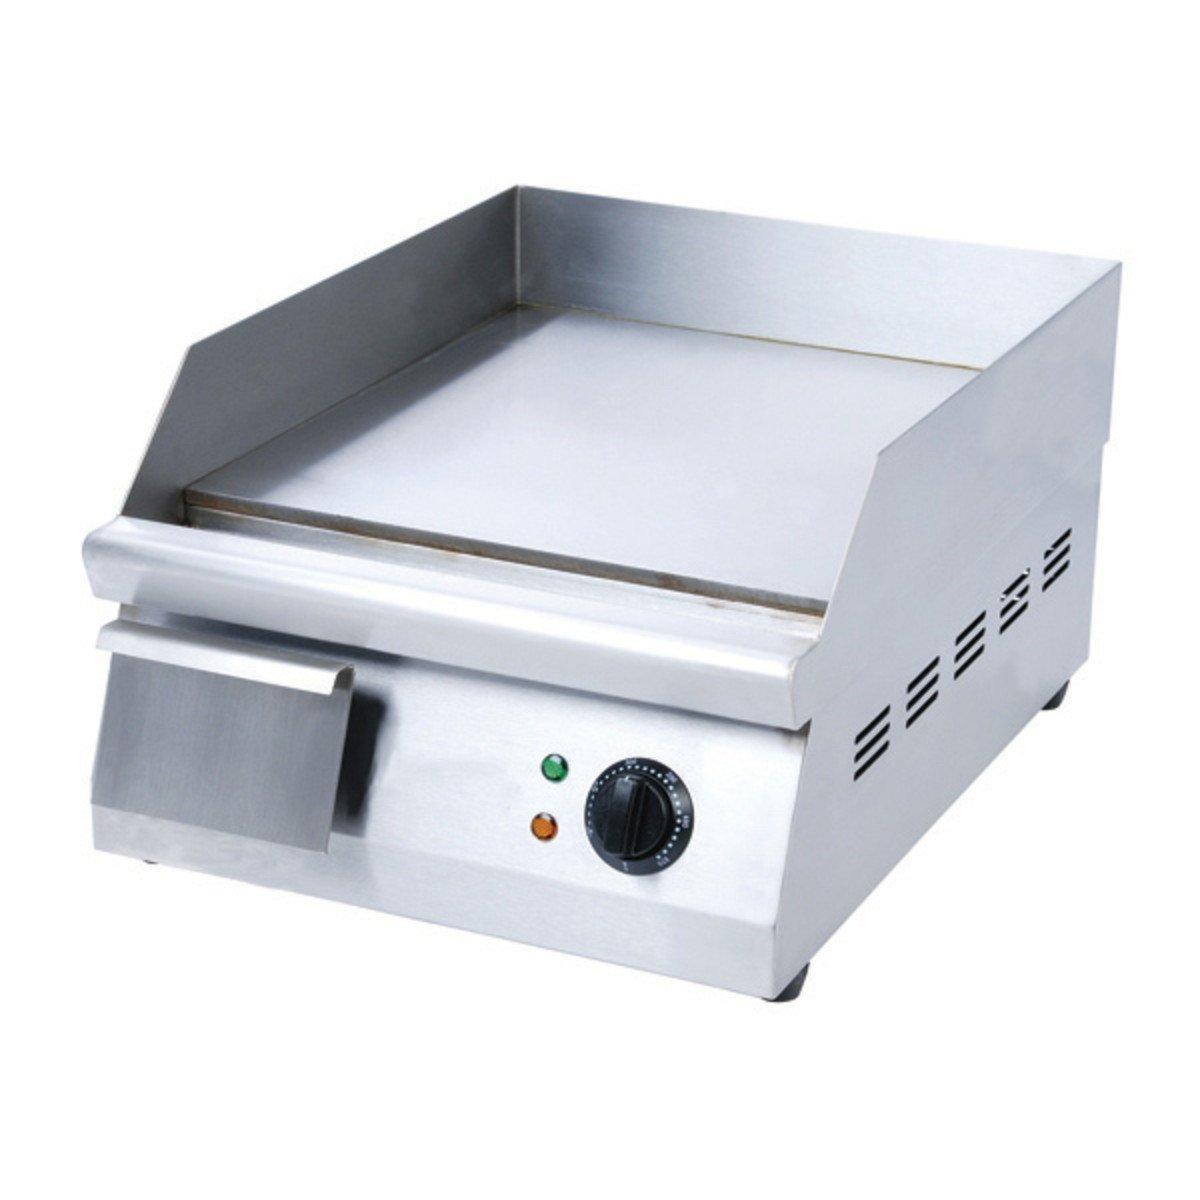 GRID16-7 Griddle Heating Element Adcraft